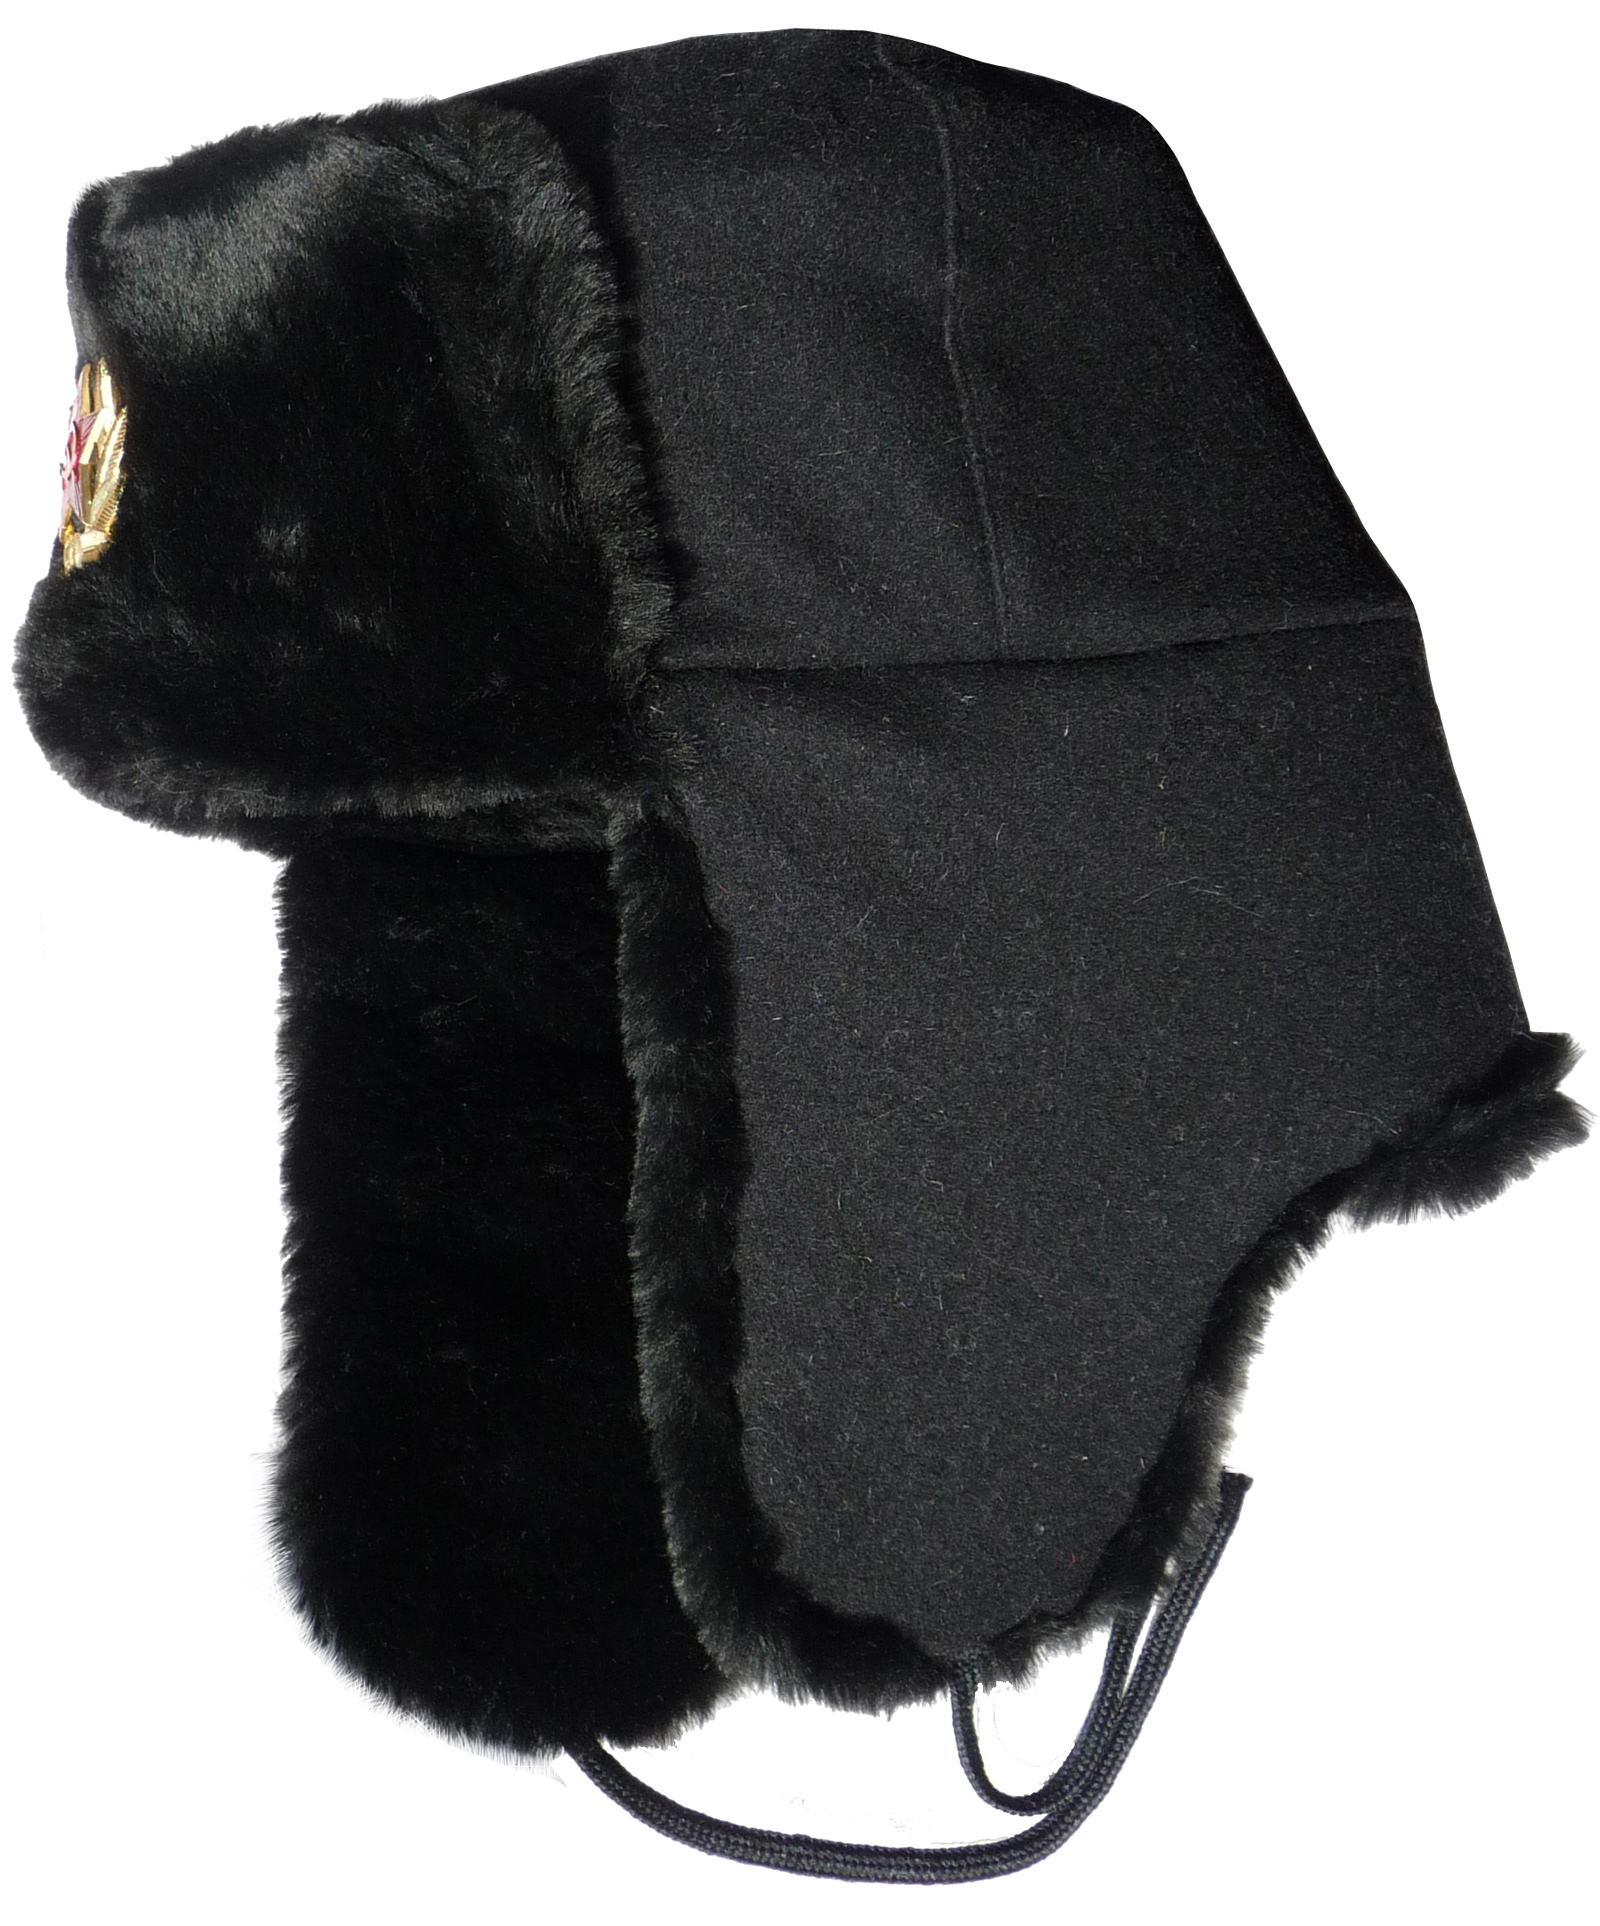 Ushanka winter hat Russian Navy Seaman Black - Walmart.com f95f010e97b0